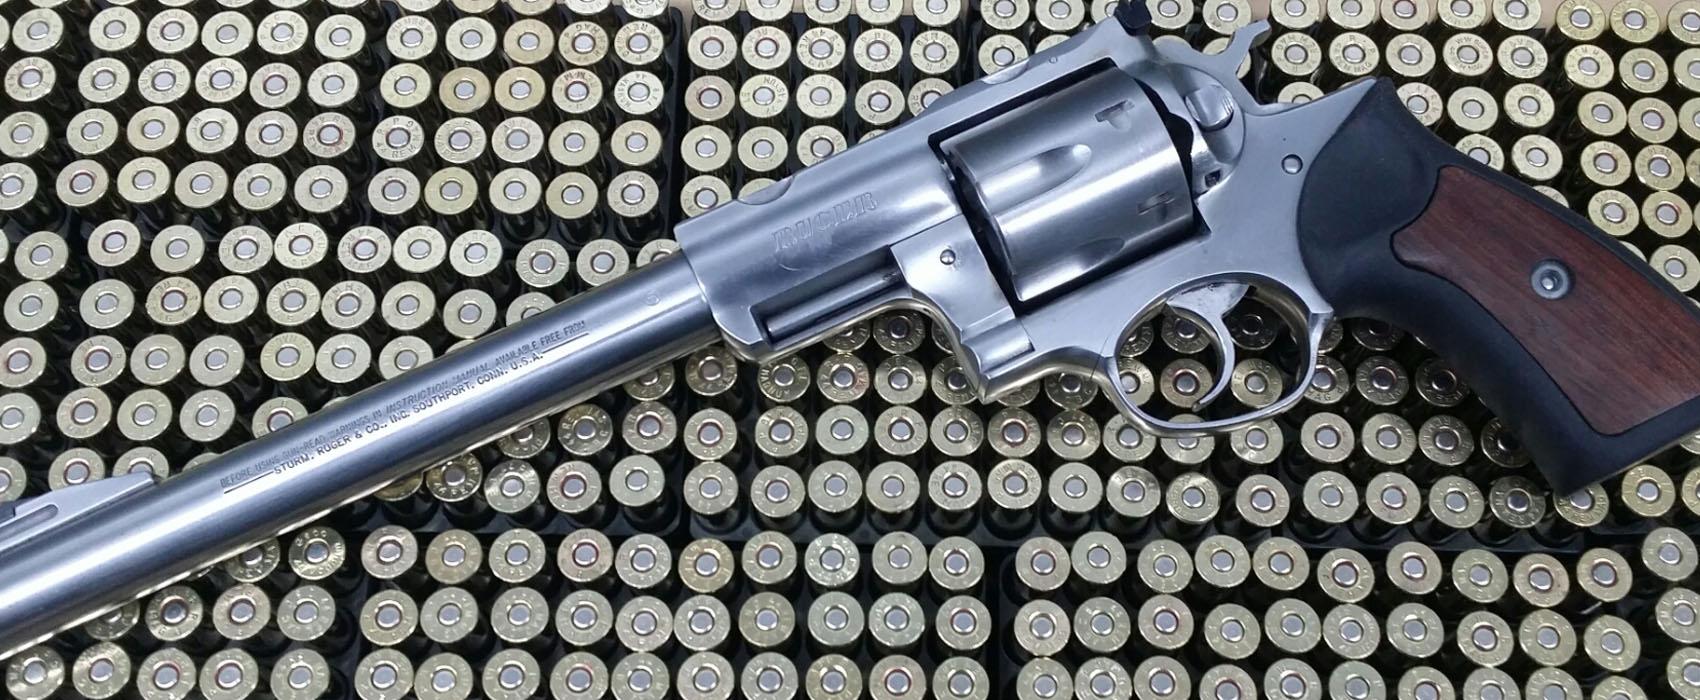 Revolver der Marke Ruger